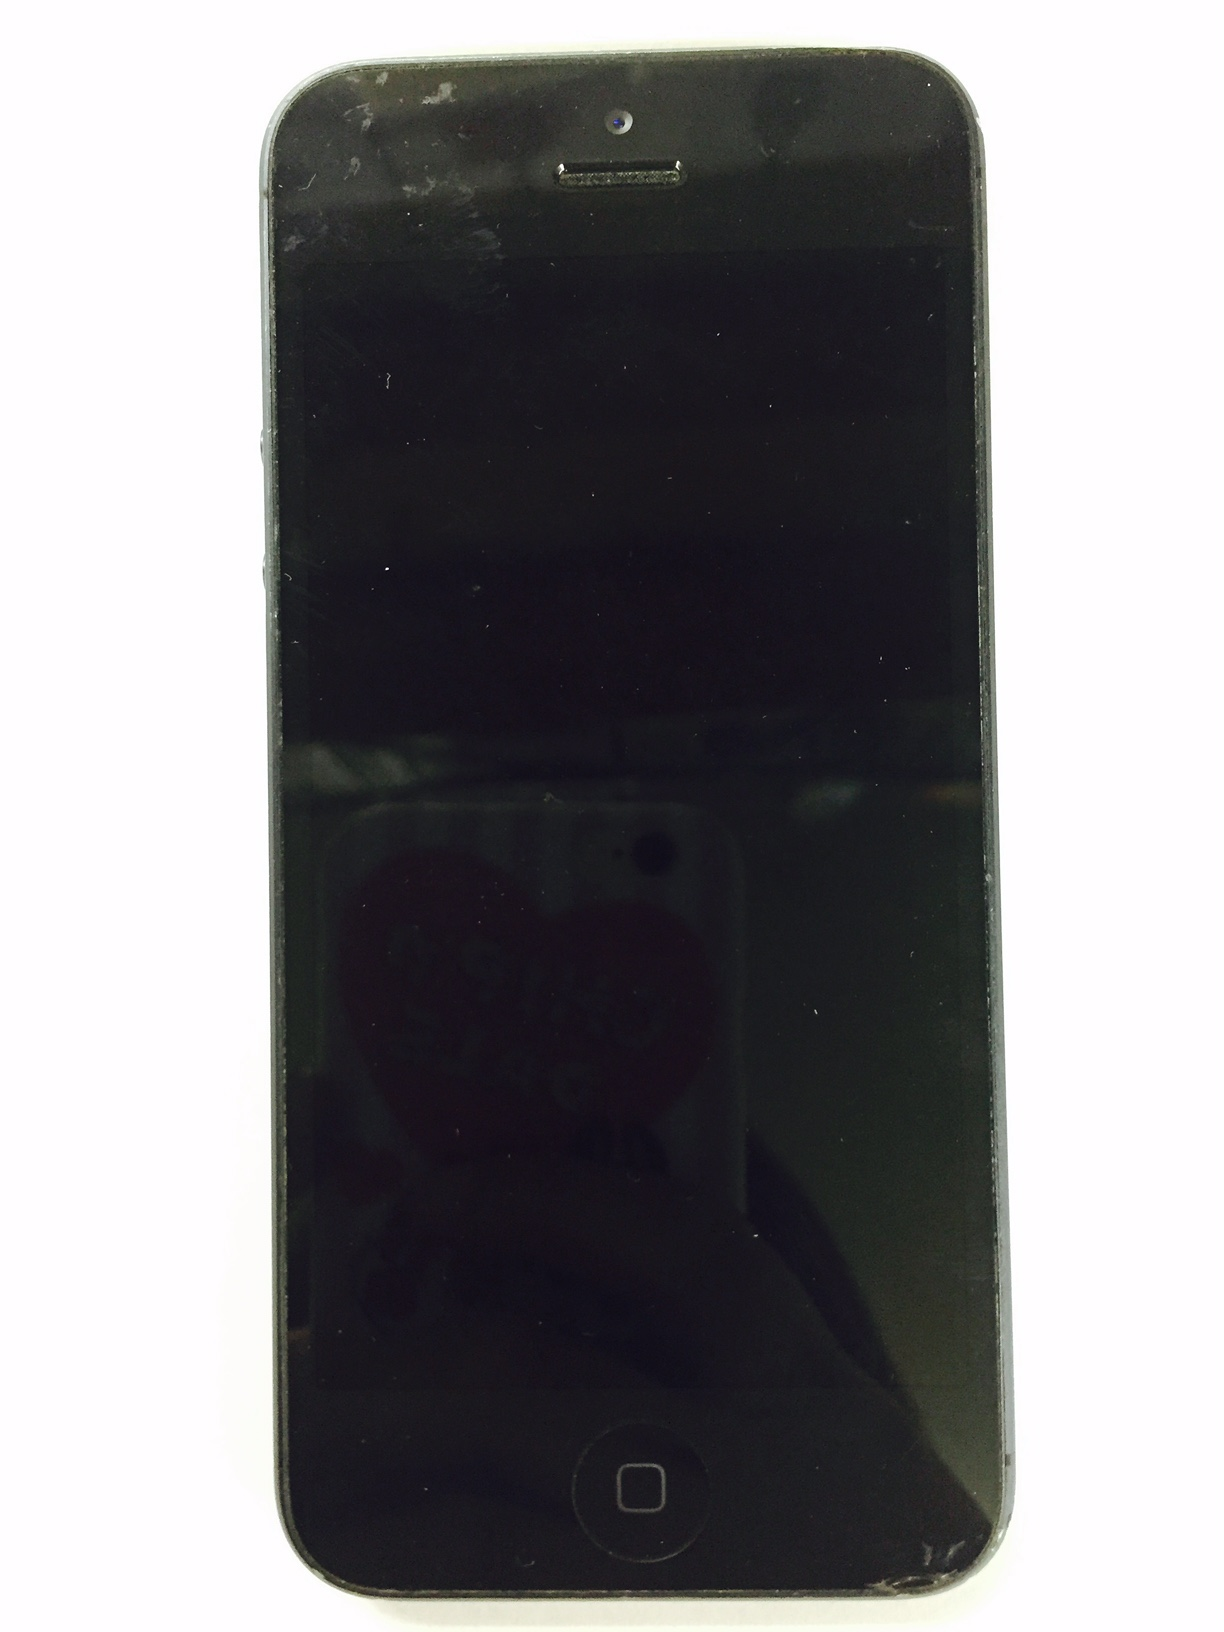 iPhone ジャンク ブラック